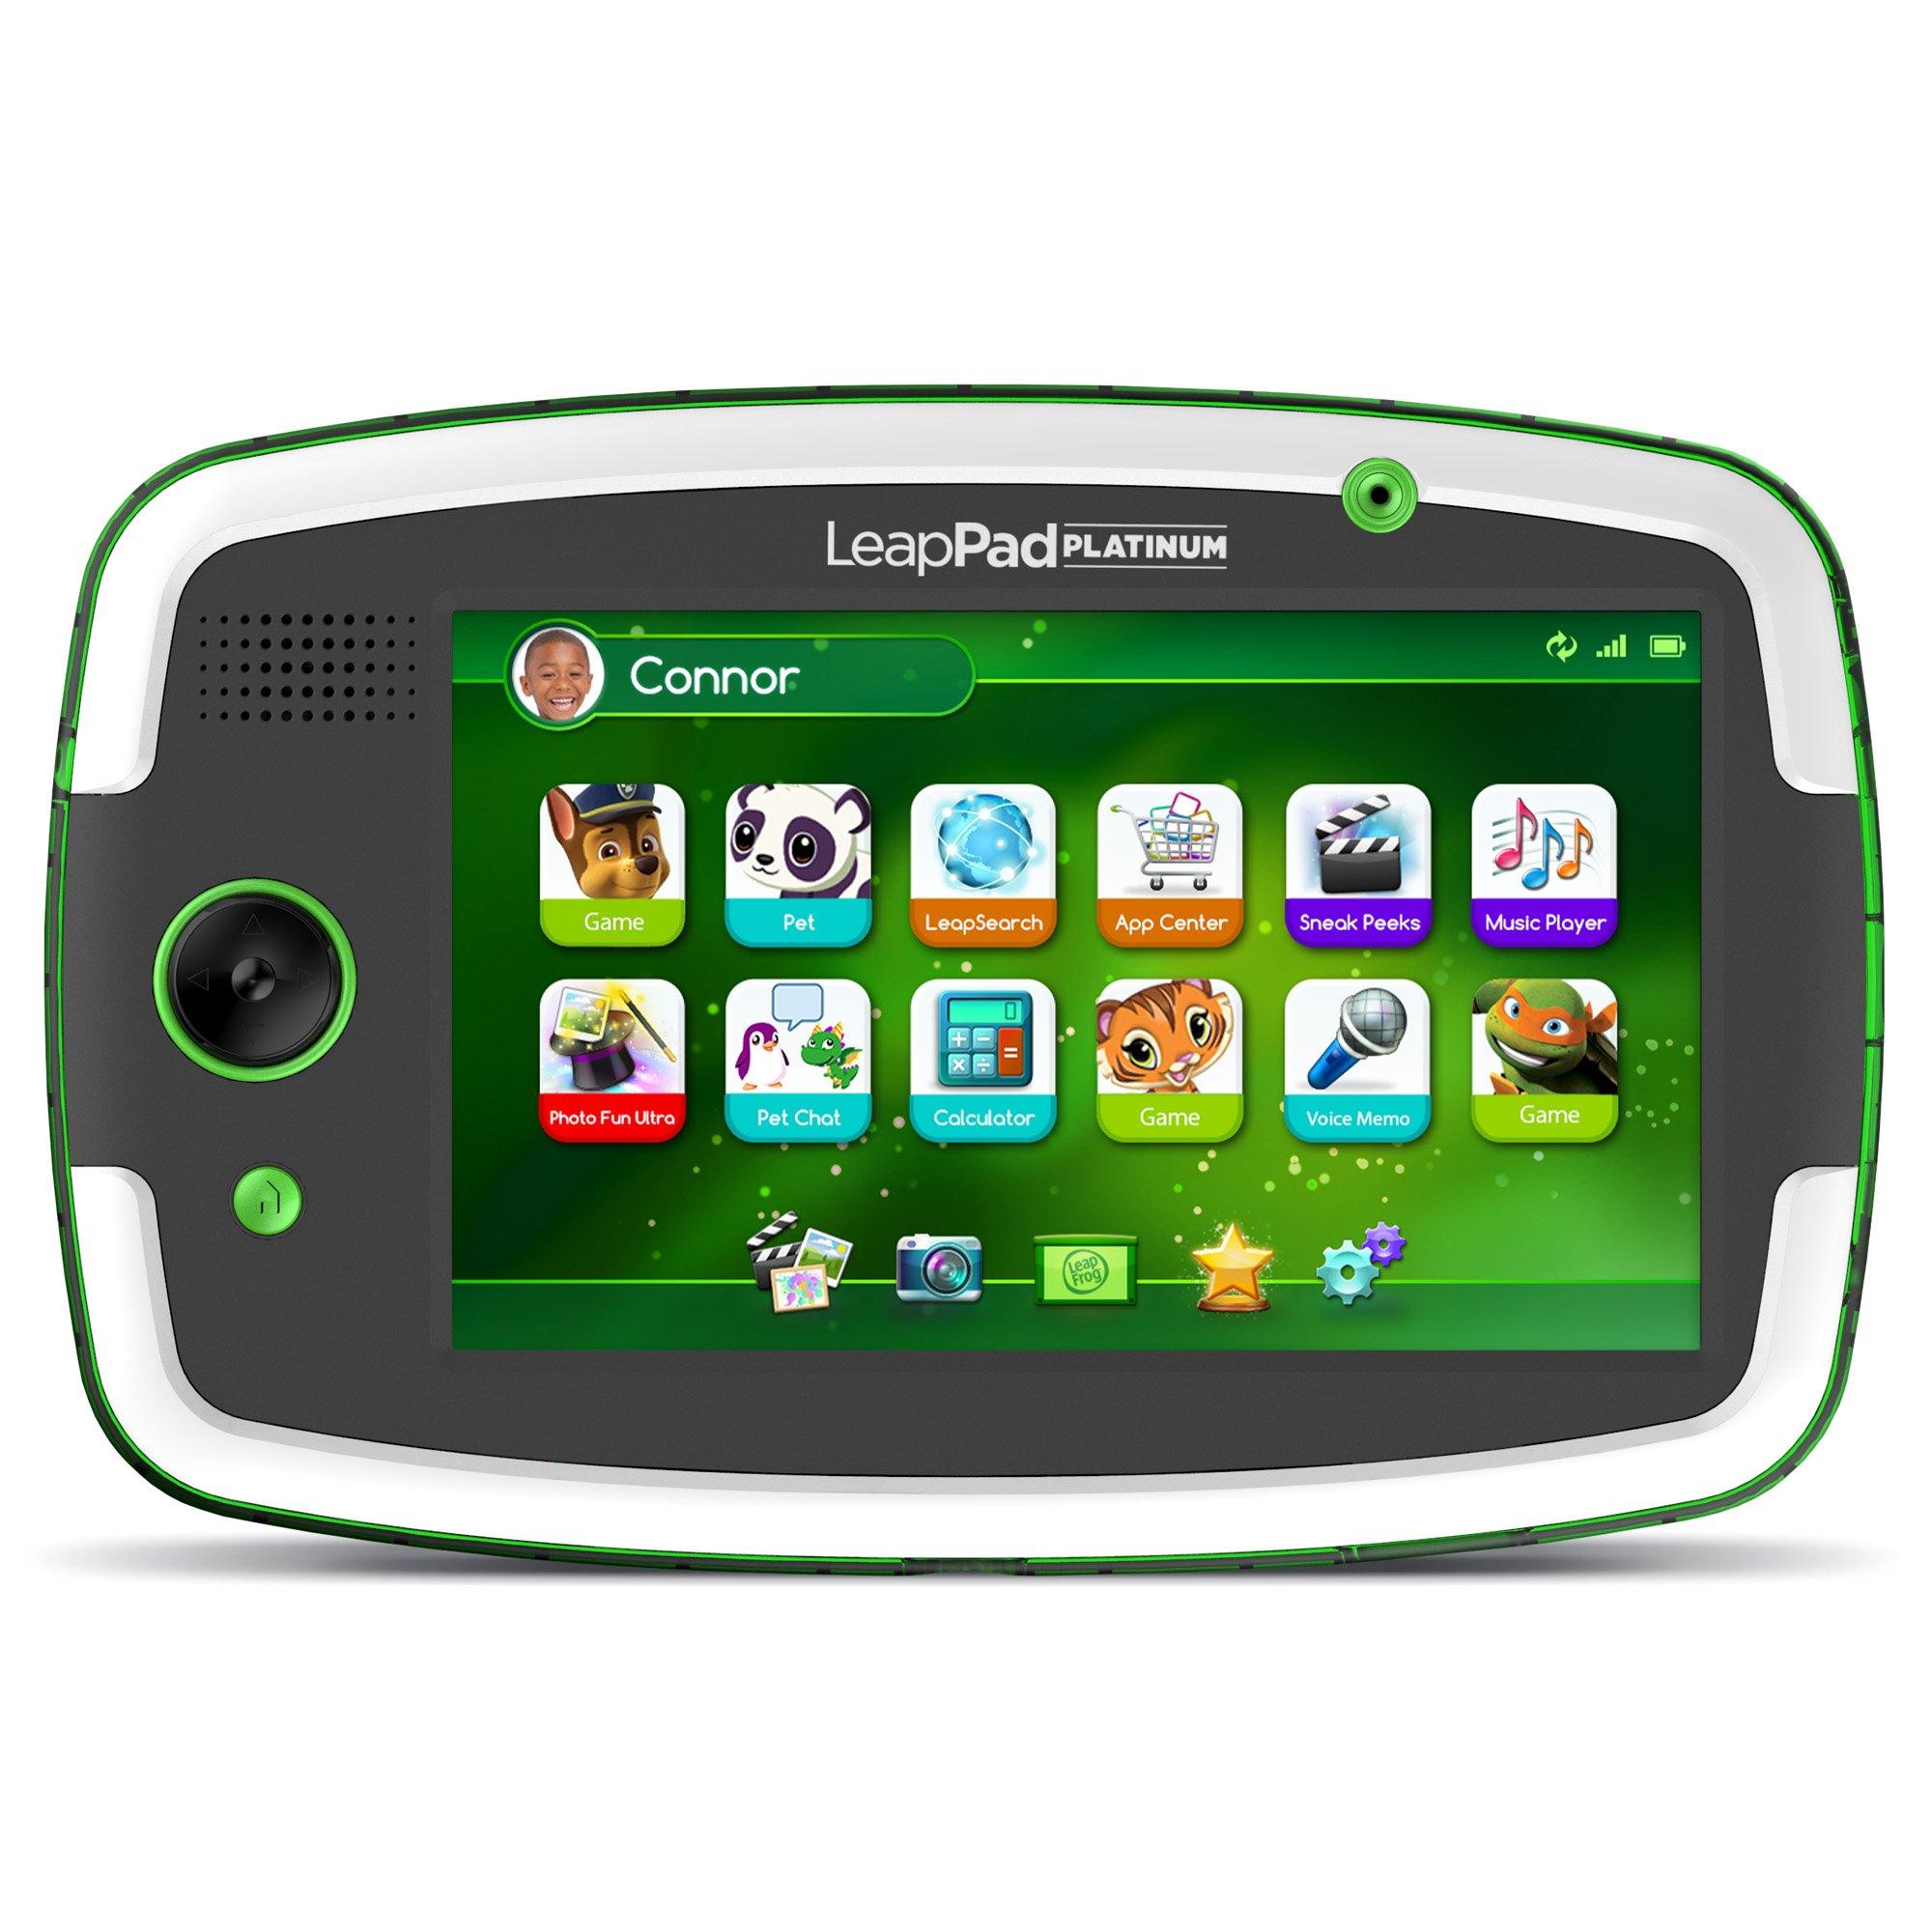 LeapFrog LeapPad Platinum Kids Learning Tablet, Green by LeapFrog. (Image #1)